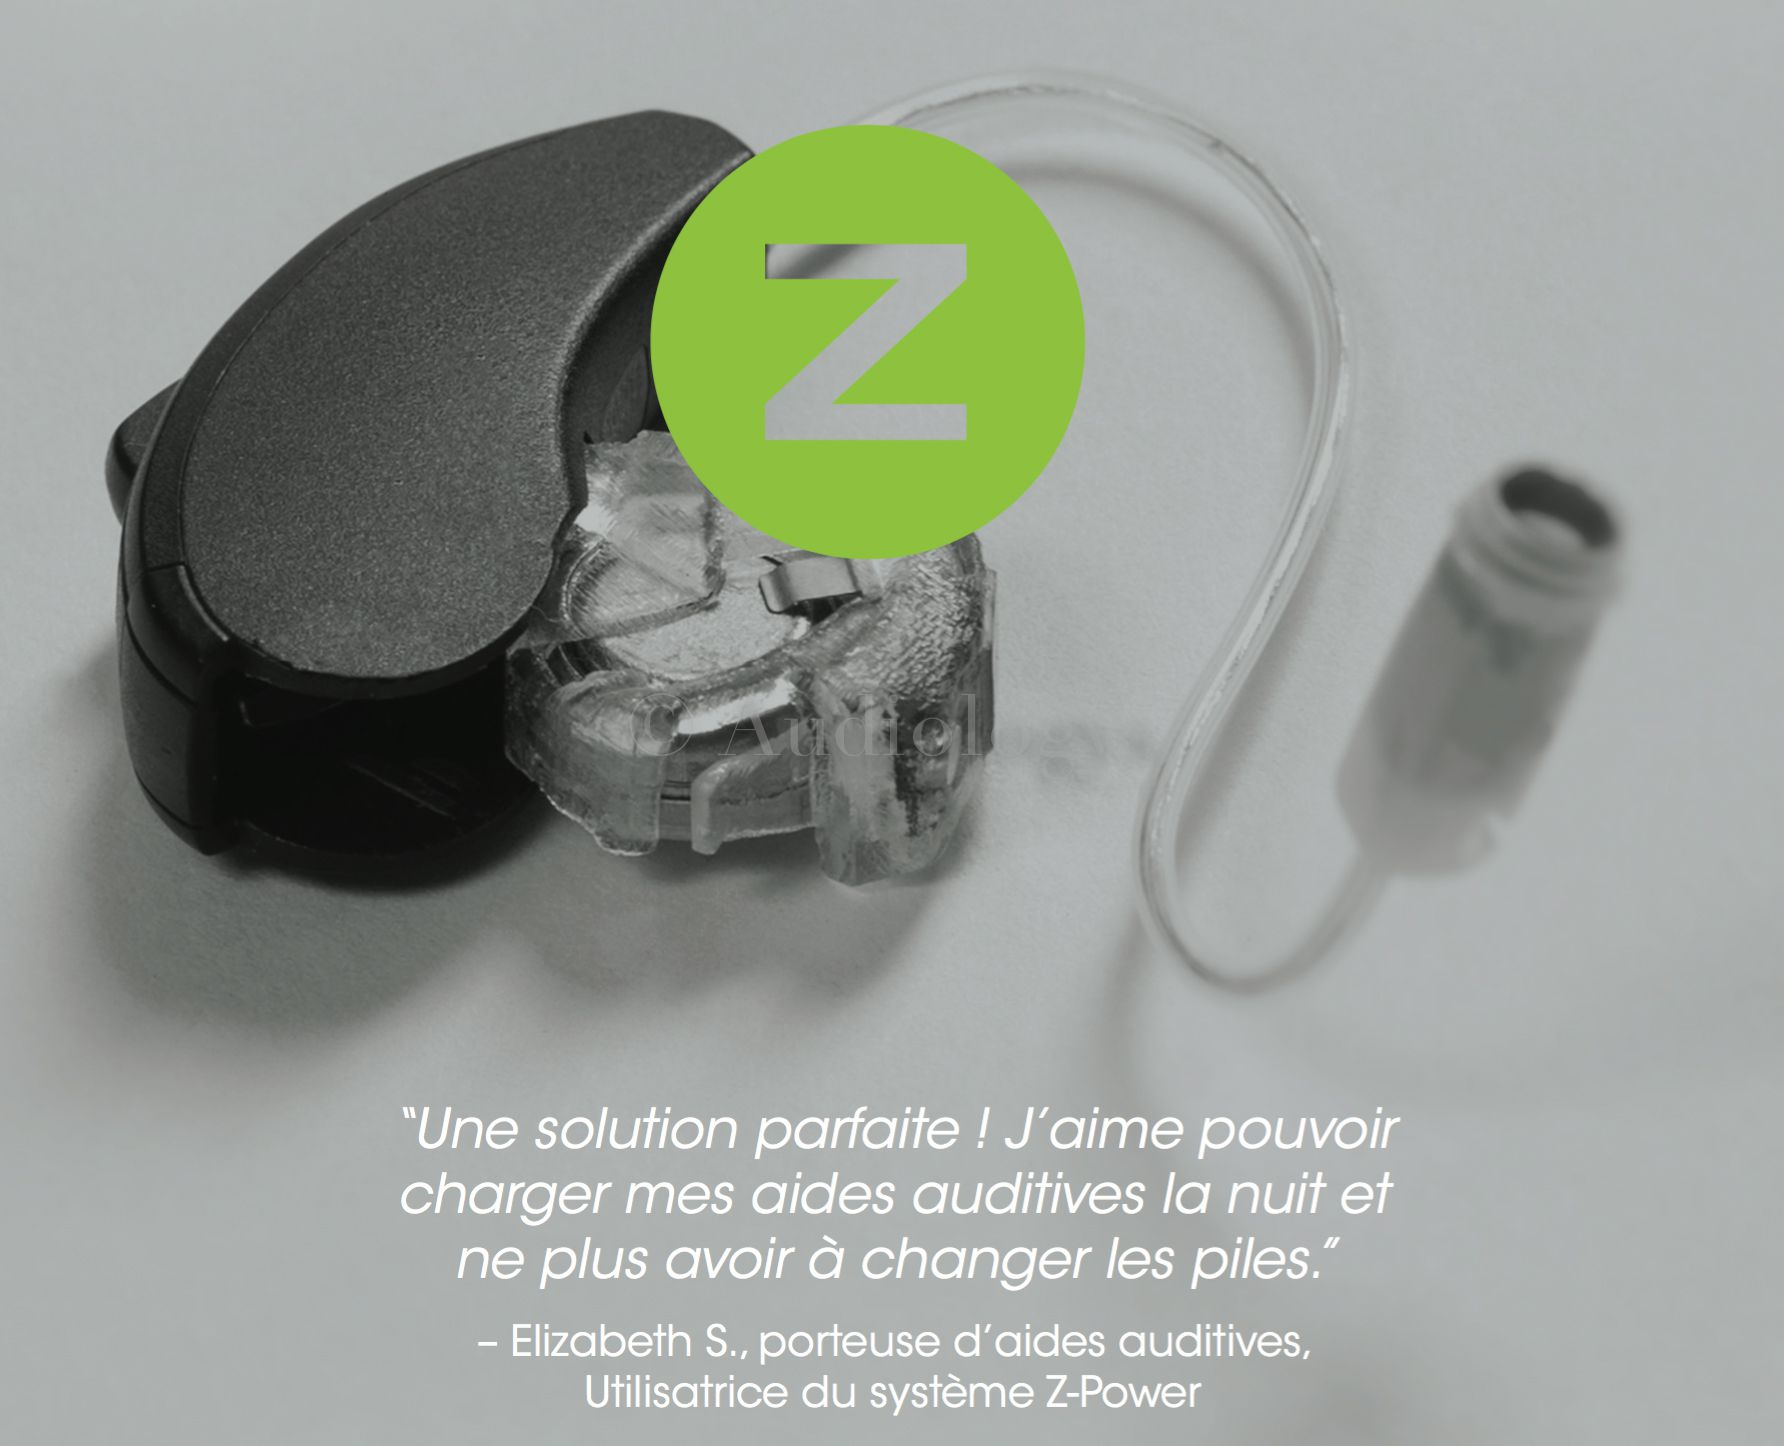 Zpower chargeur pour protheses auditives sans pile a batteries rechargeables universel